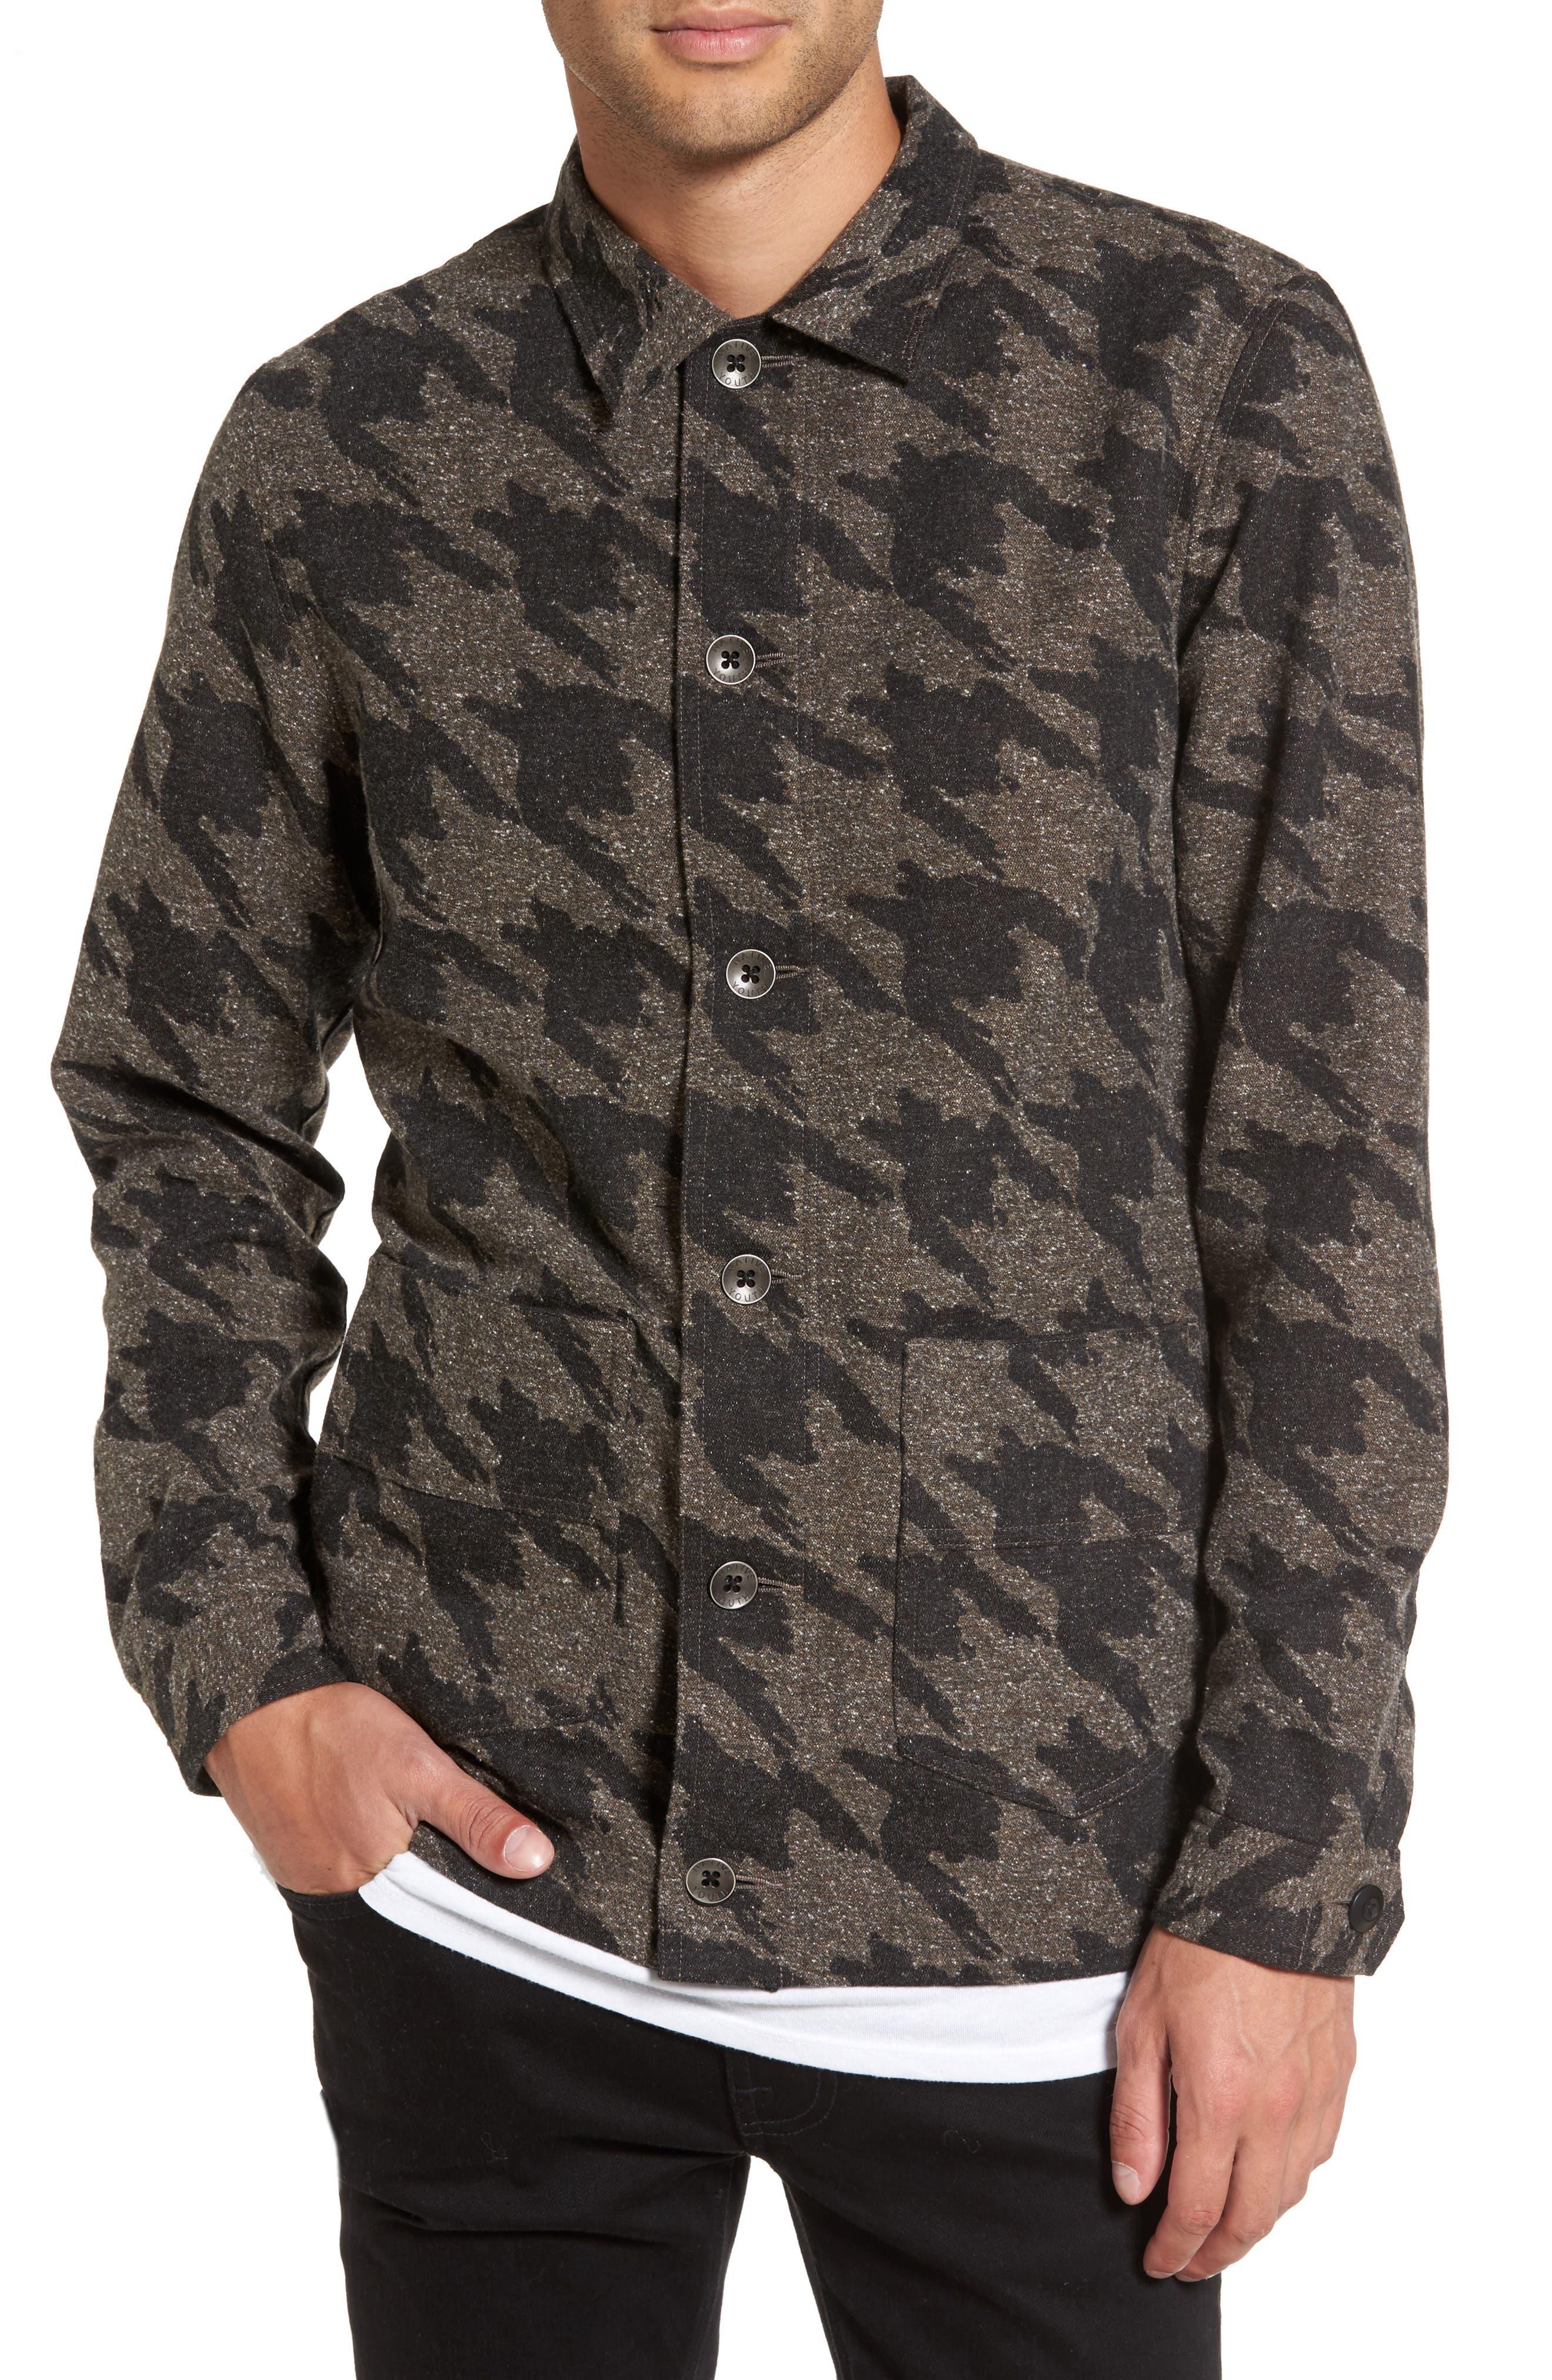 Alternate Image 1 Selected - Native Youth Lynx Shirt Jacket